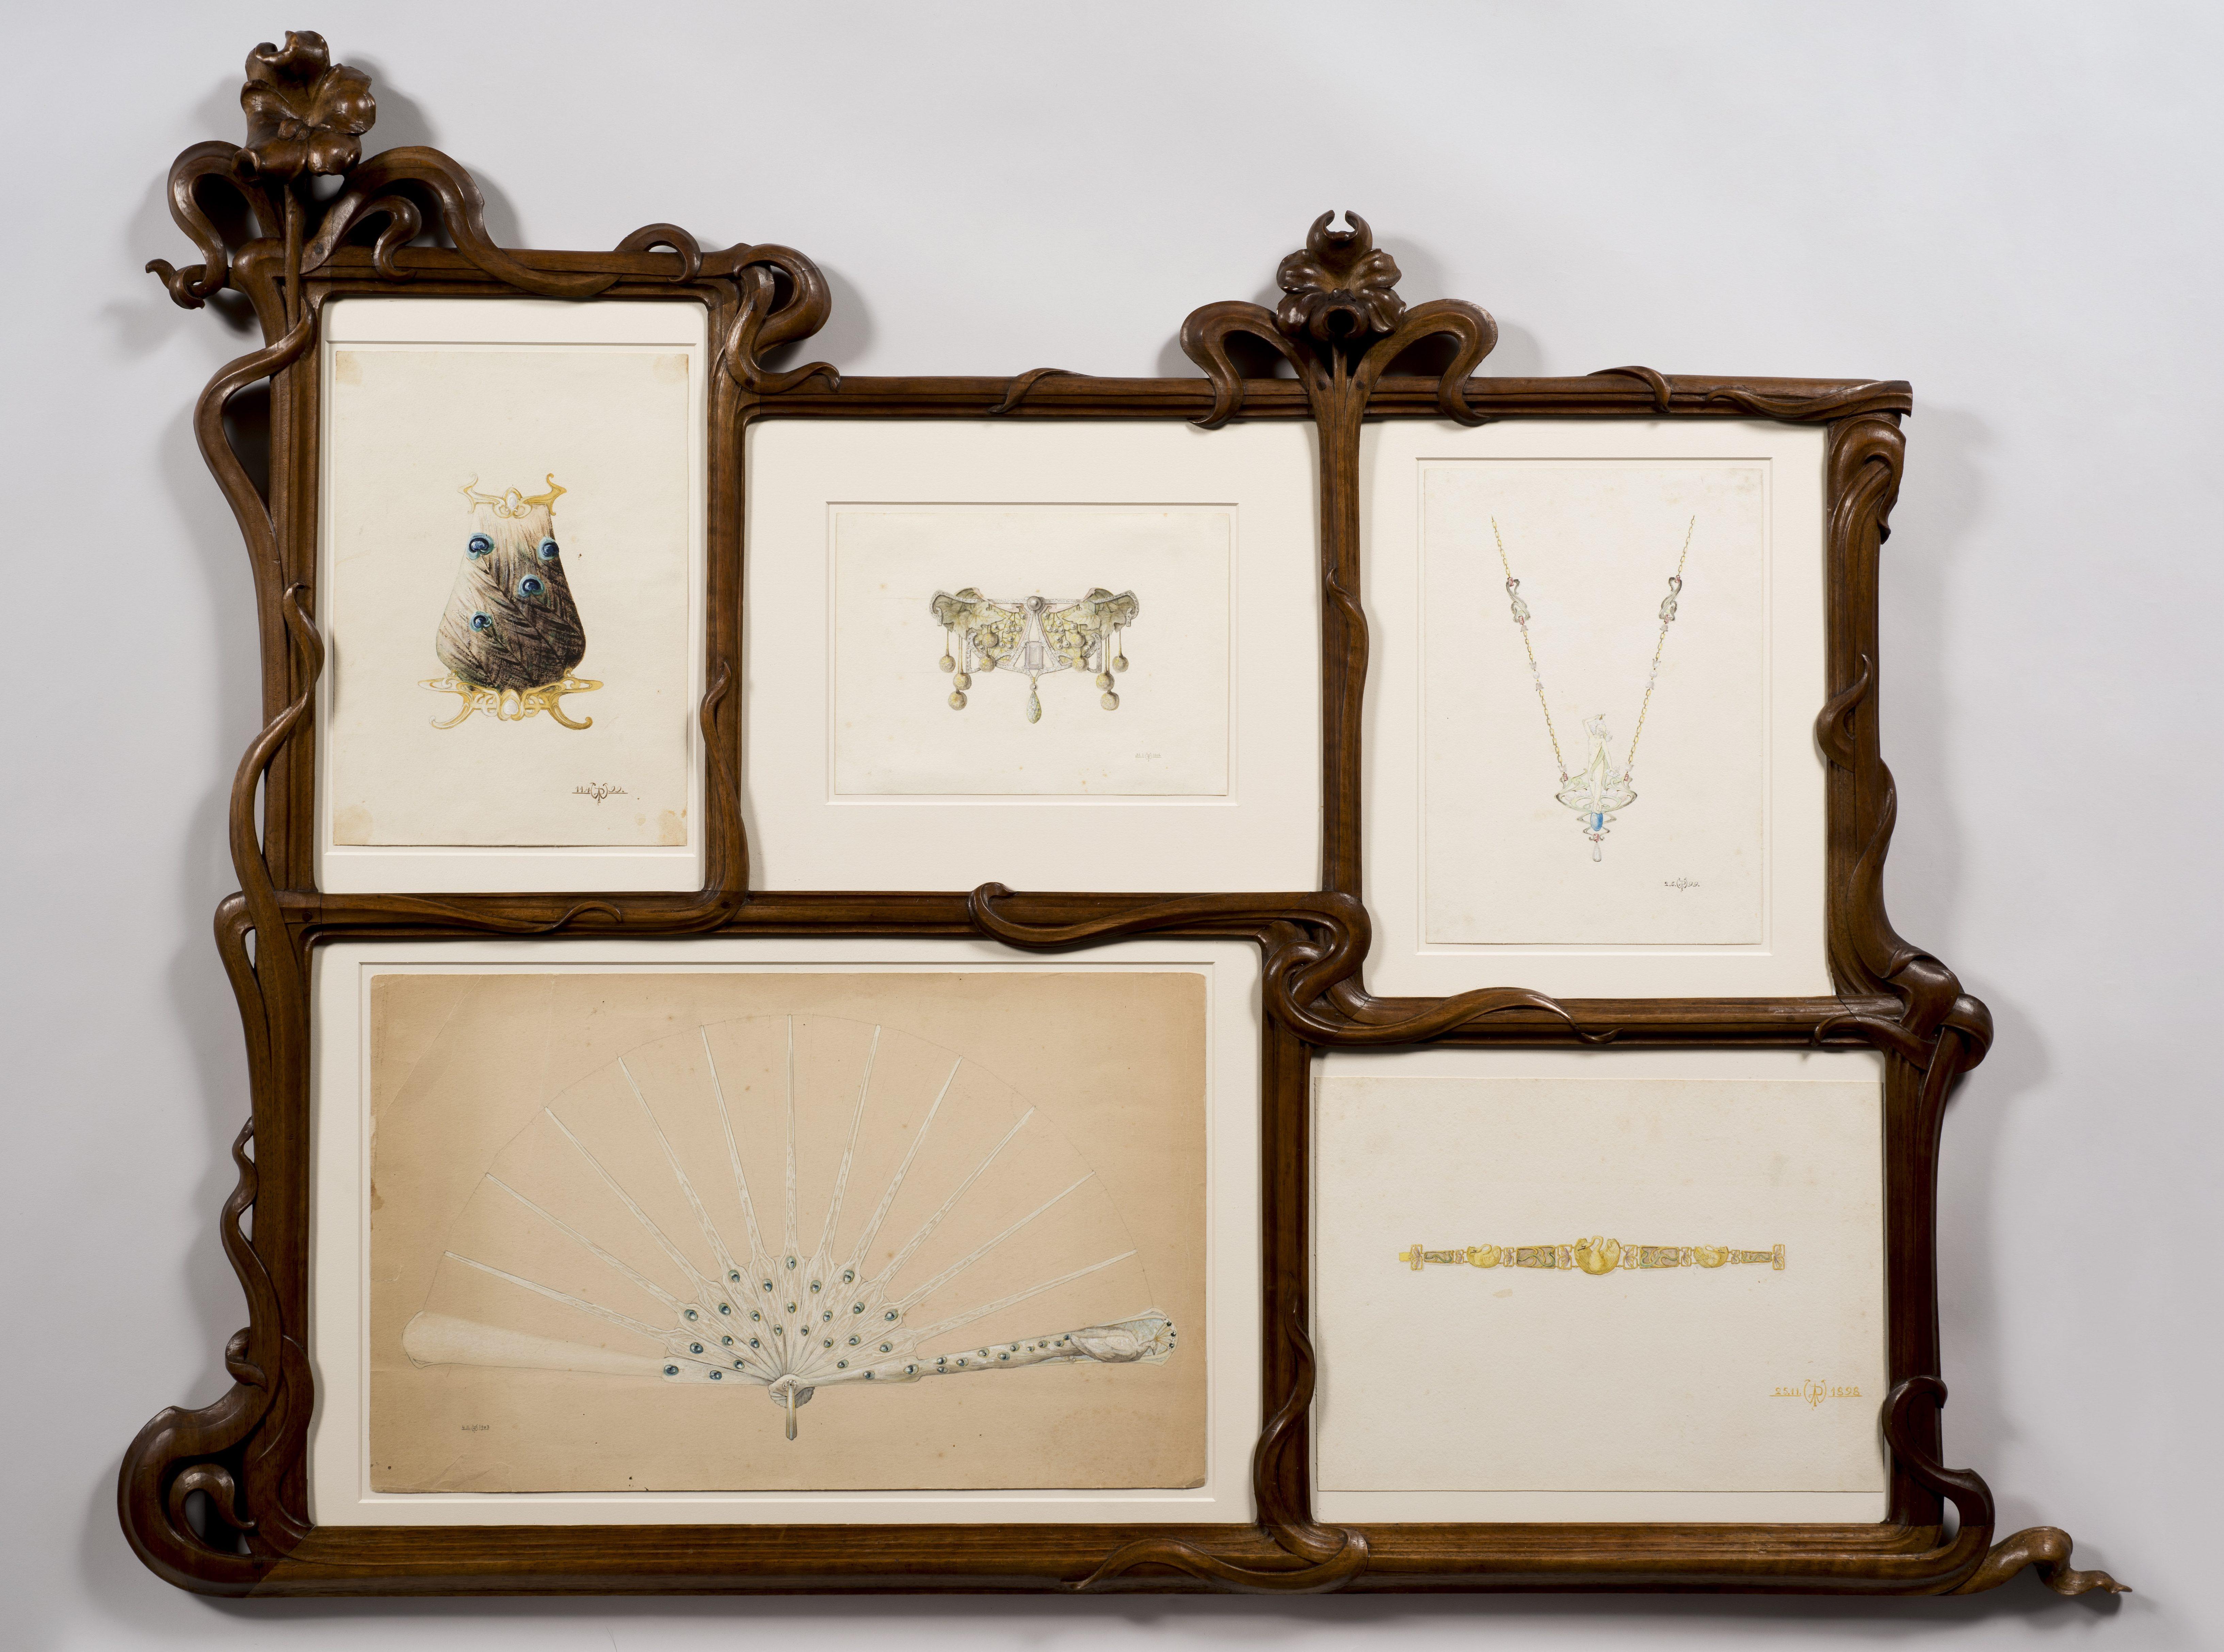 Philippe Wolfers, Lijst met ontwerptekeningen, circa 1897. Collectie Koning Boudewijnstichting, foto Jubelparkmuseum, hout, papier, glas, tekeningen